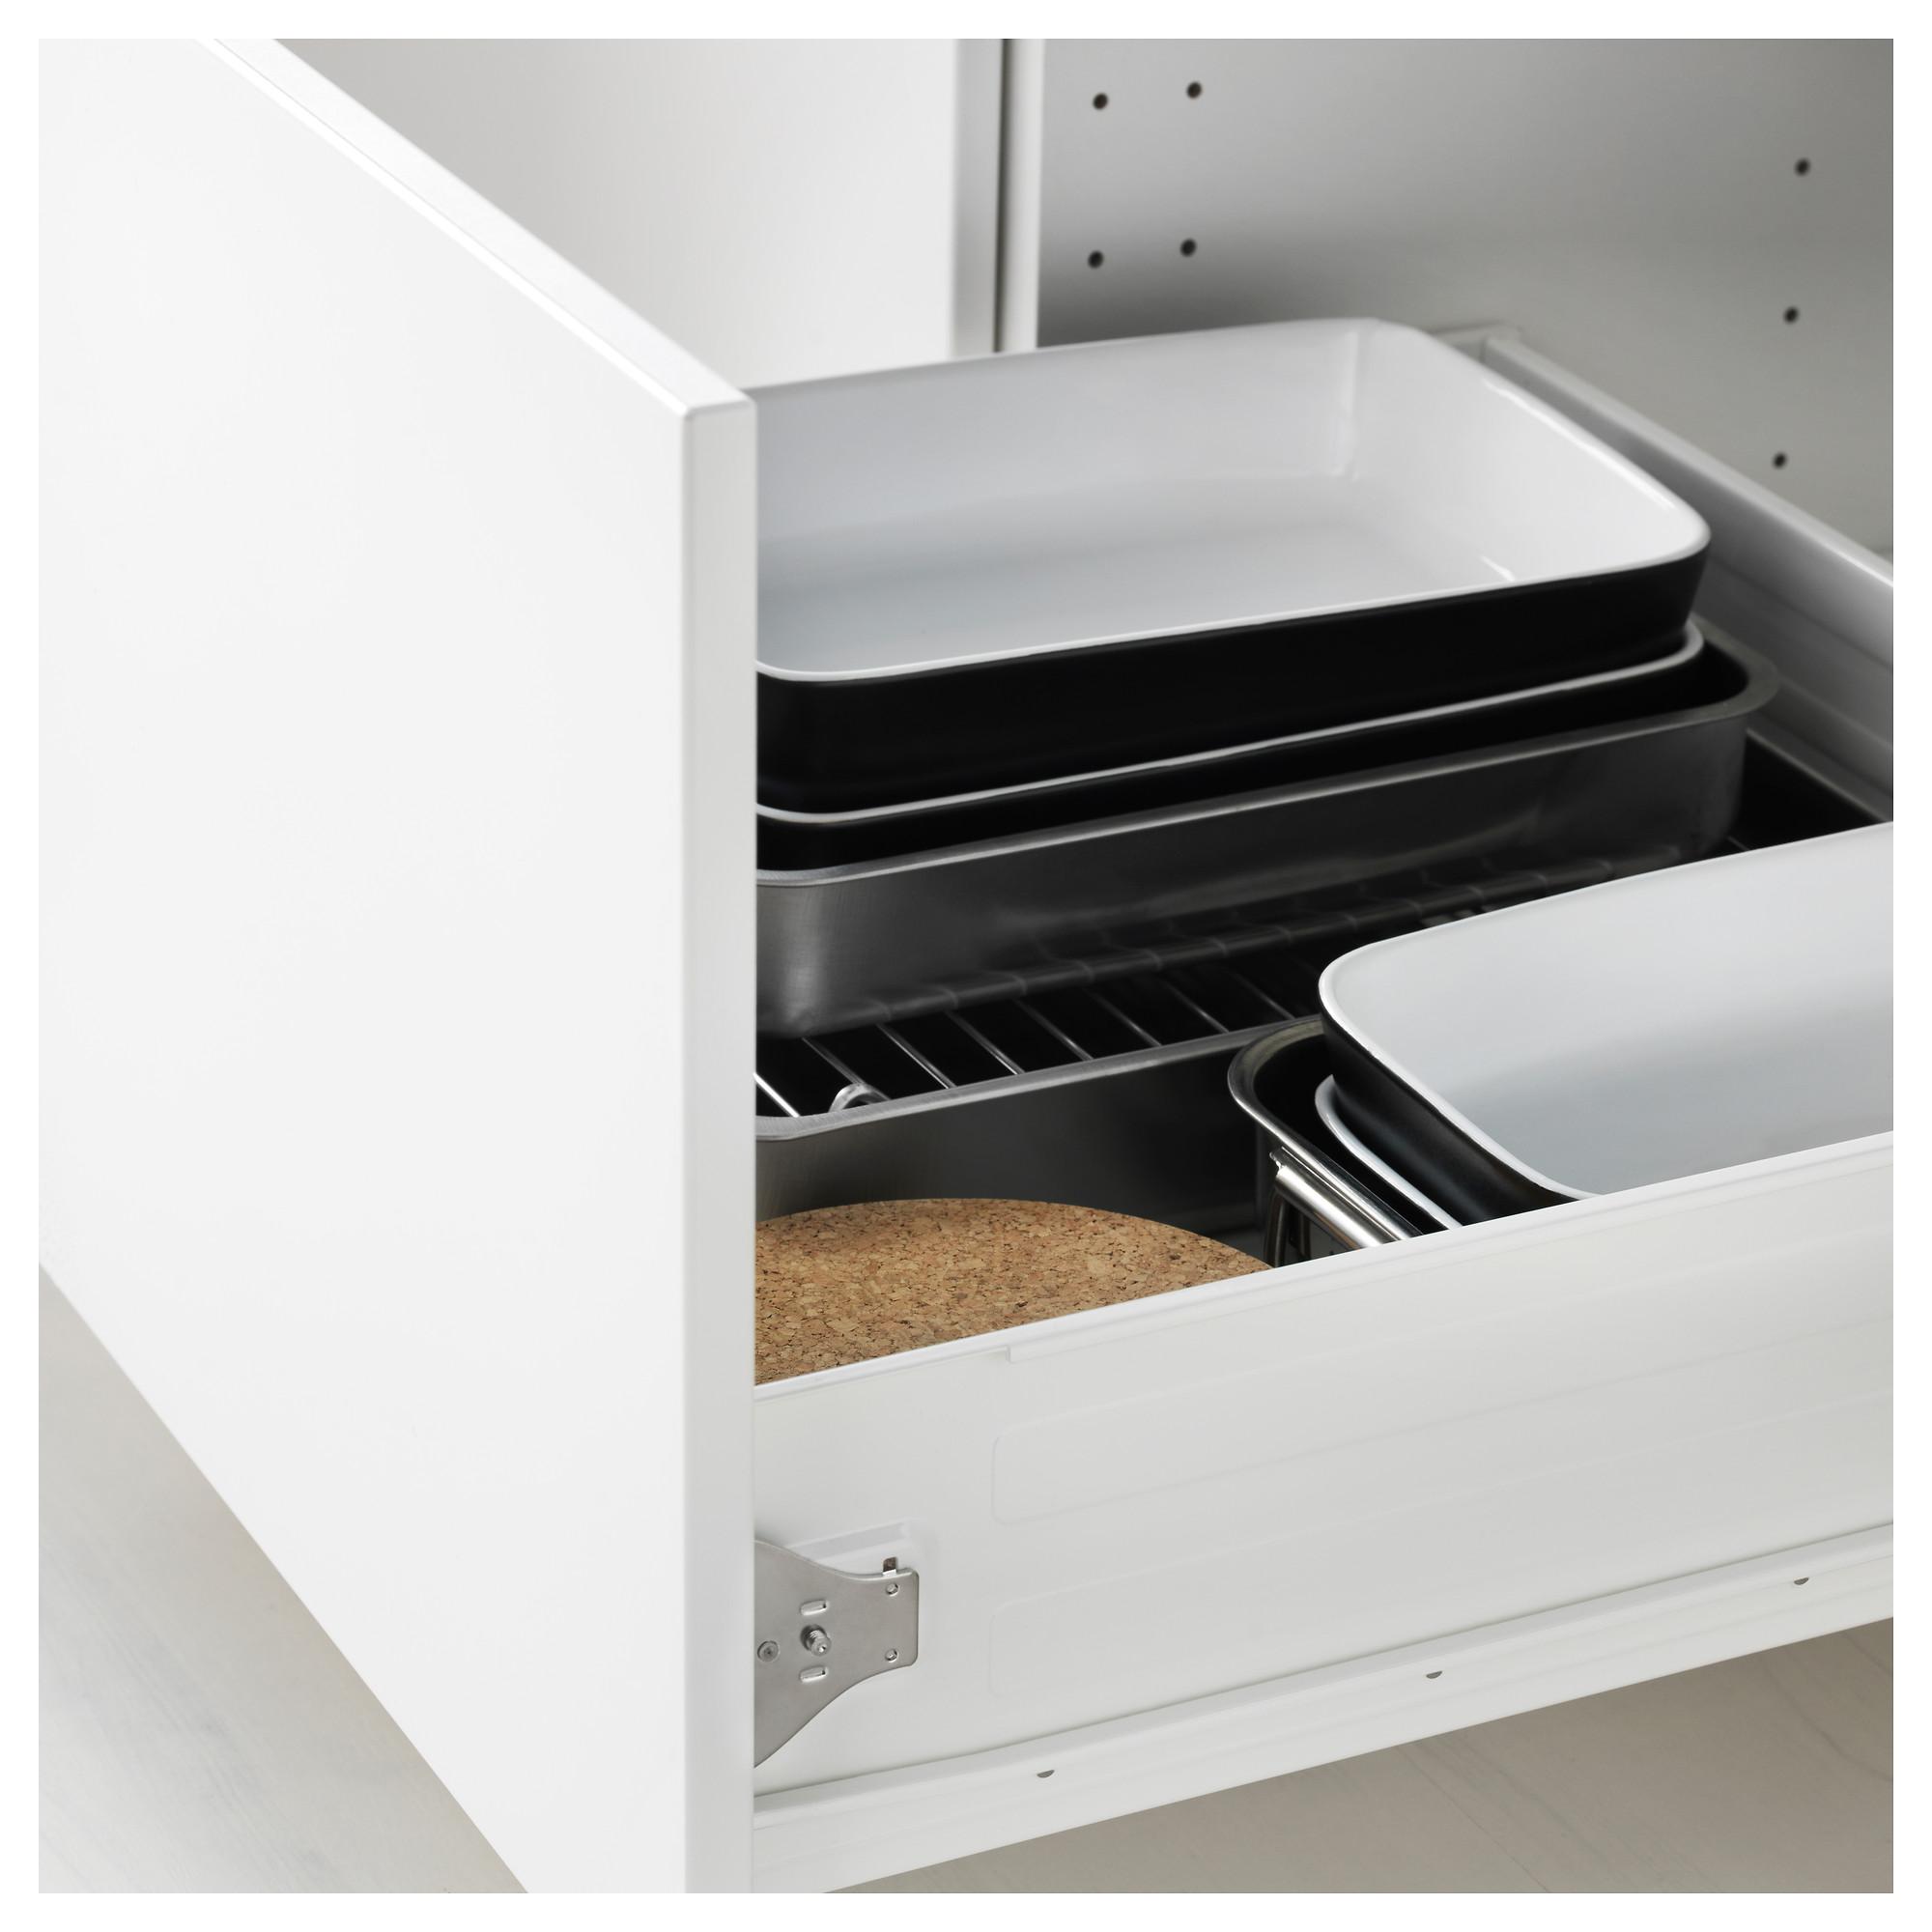 Высокий шкаф для духовки, дверца, 4 ящика МЕТОД / ФОРВАРА черный артикуль № 292.618.36 в наличии. Online магазин IKEA РБ. Недорогая доставка и соборка.